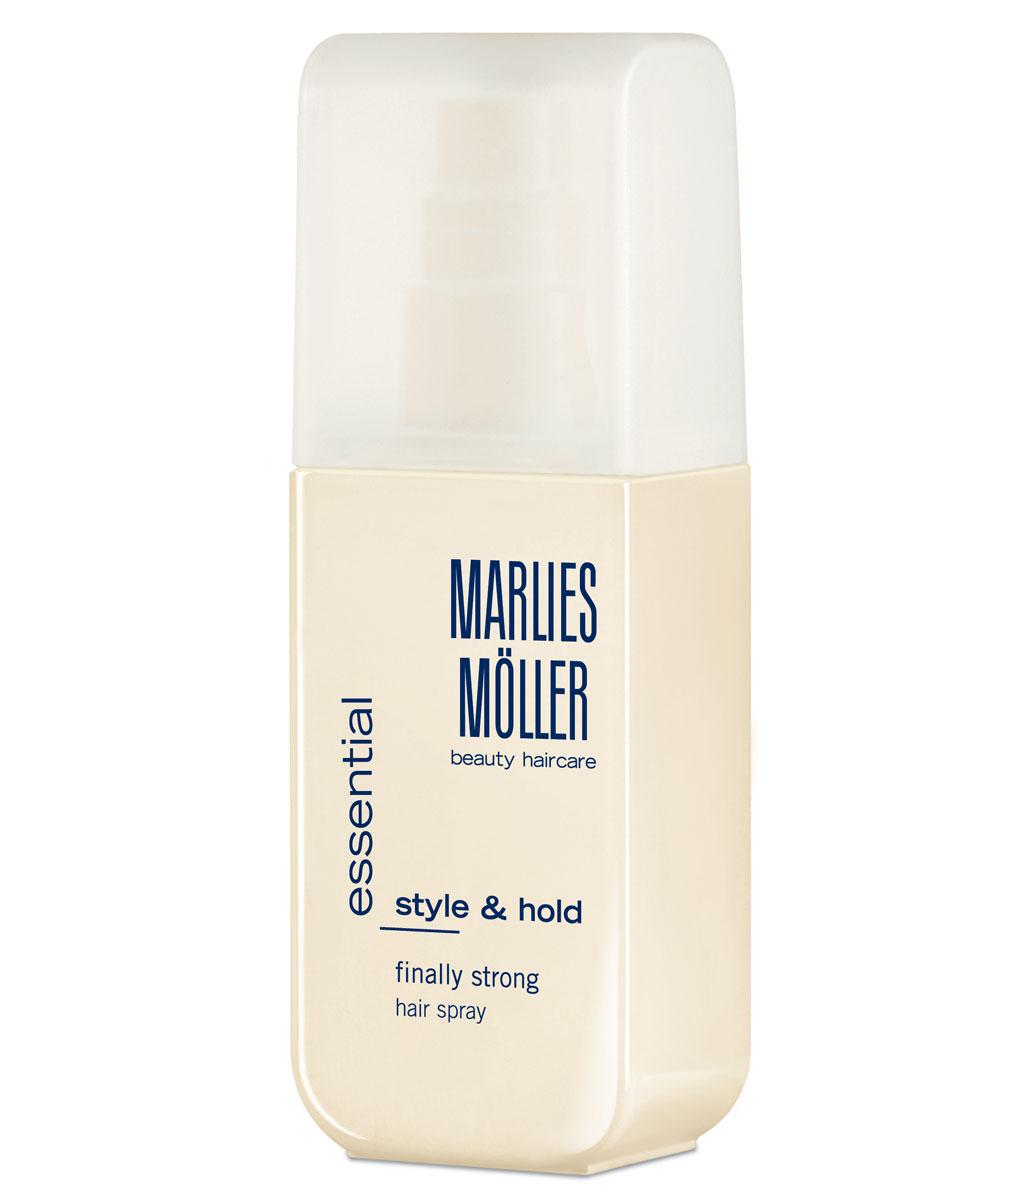 Marlies Moller Лак для волос Styling, сильная фиксация, 125 млSatin Hair 7 BR730MNЖидкий лак - самый популярный, содержит гибкие полимеры для укладки. Обеспечивает сильную фиксацию без склеивания и шелковый блеск волос! Легко удаляется с волос. Защищает волосы от влажного воздуха. Подходит для любого типа укладки. Сложные прически, гладкие, приподнимает корни.Завершая укладку, нанесите лак, держа флакон на расстоянии 20-30 см.